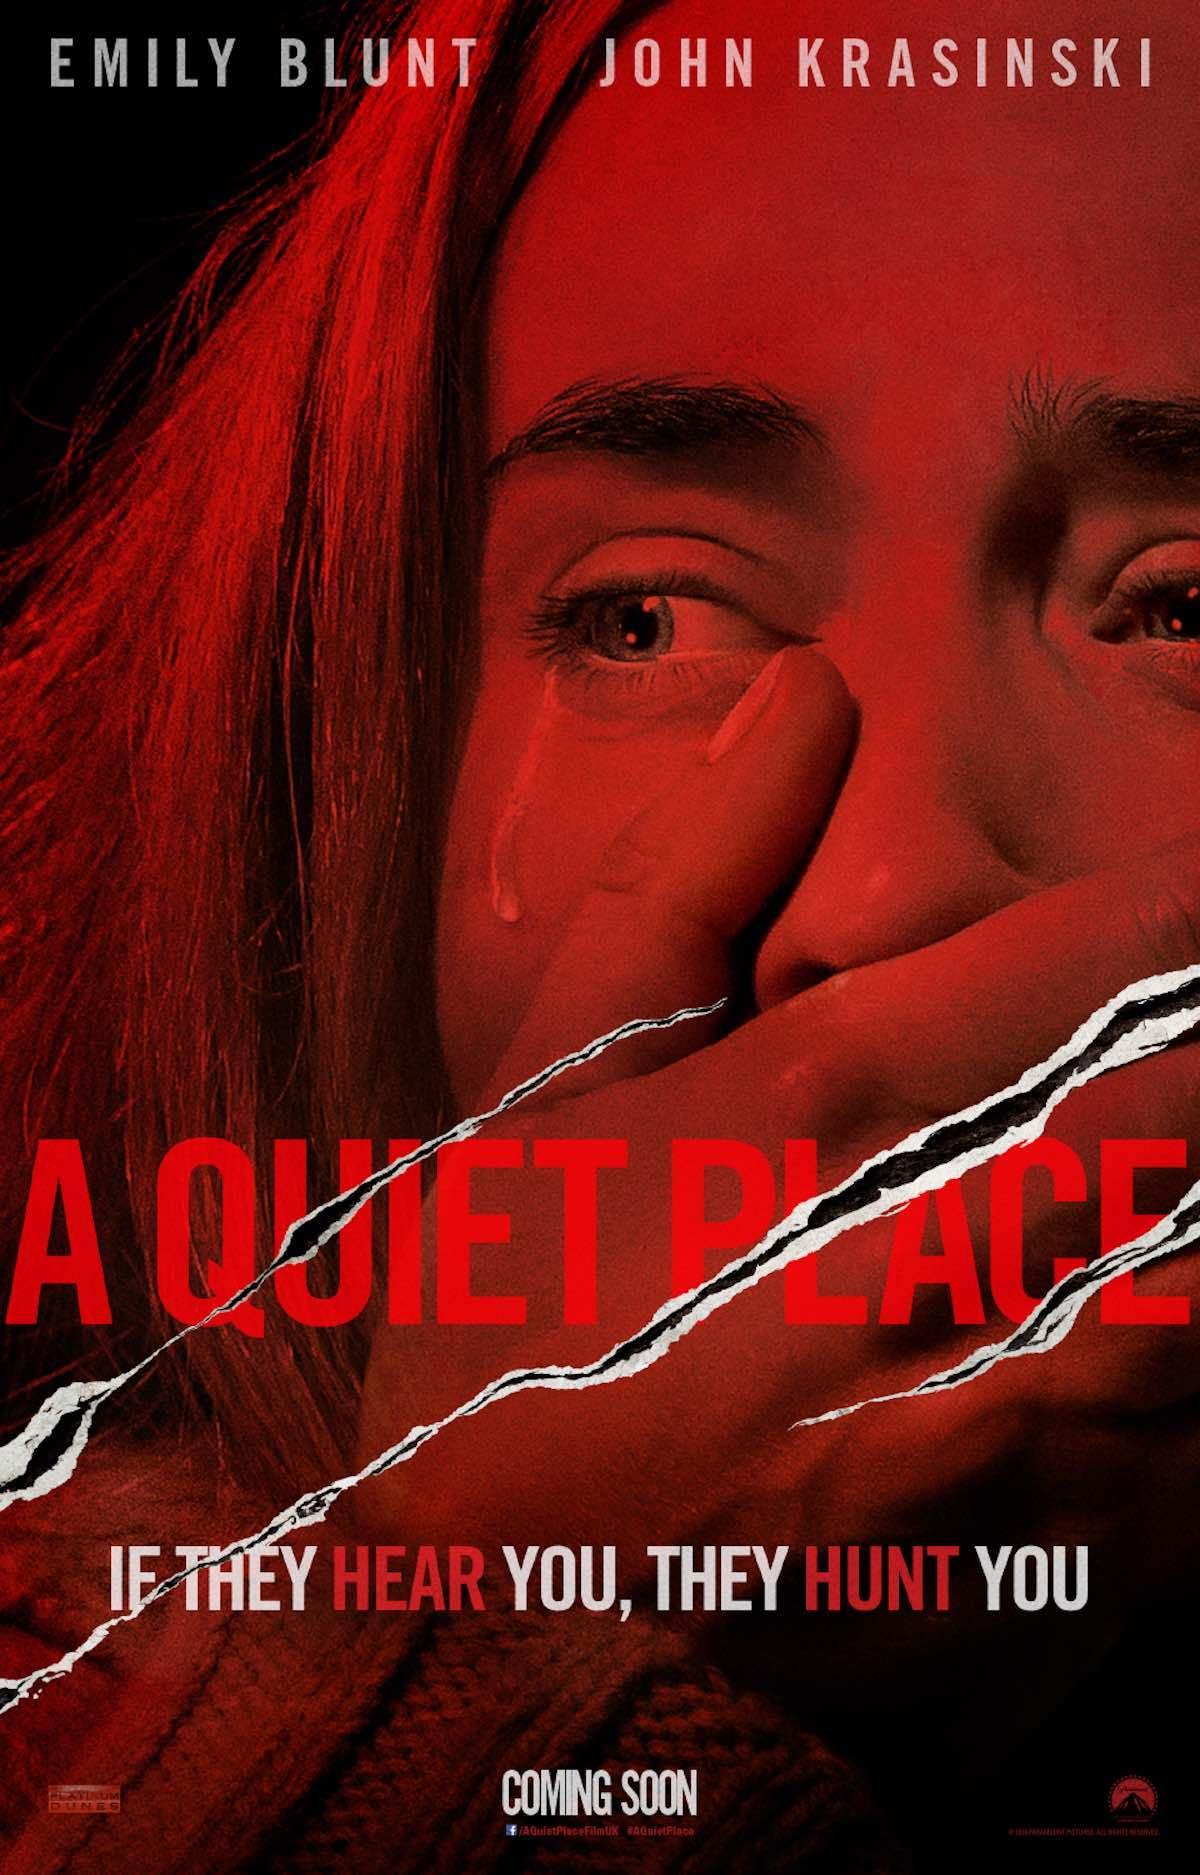 Poster do filme, que mostra a atriz Emily Blunt com olhar assustado, chorando, cobrindo a boca com as mãos. O Título do filme está arranhado por 3 garras, como se tivesse cortado o papel.